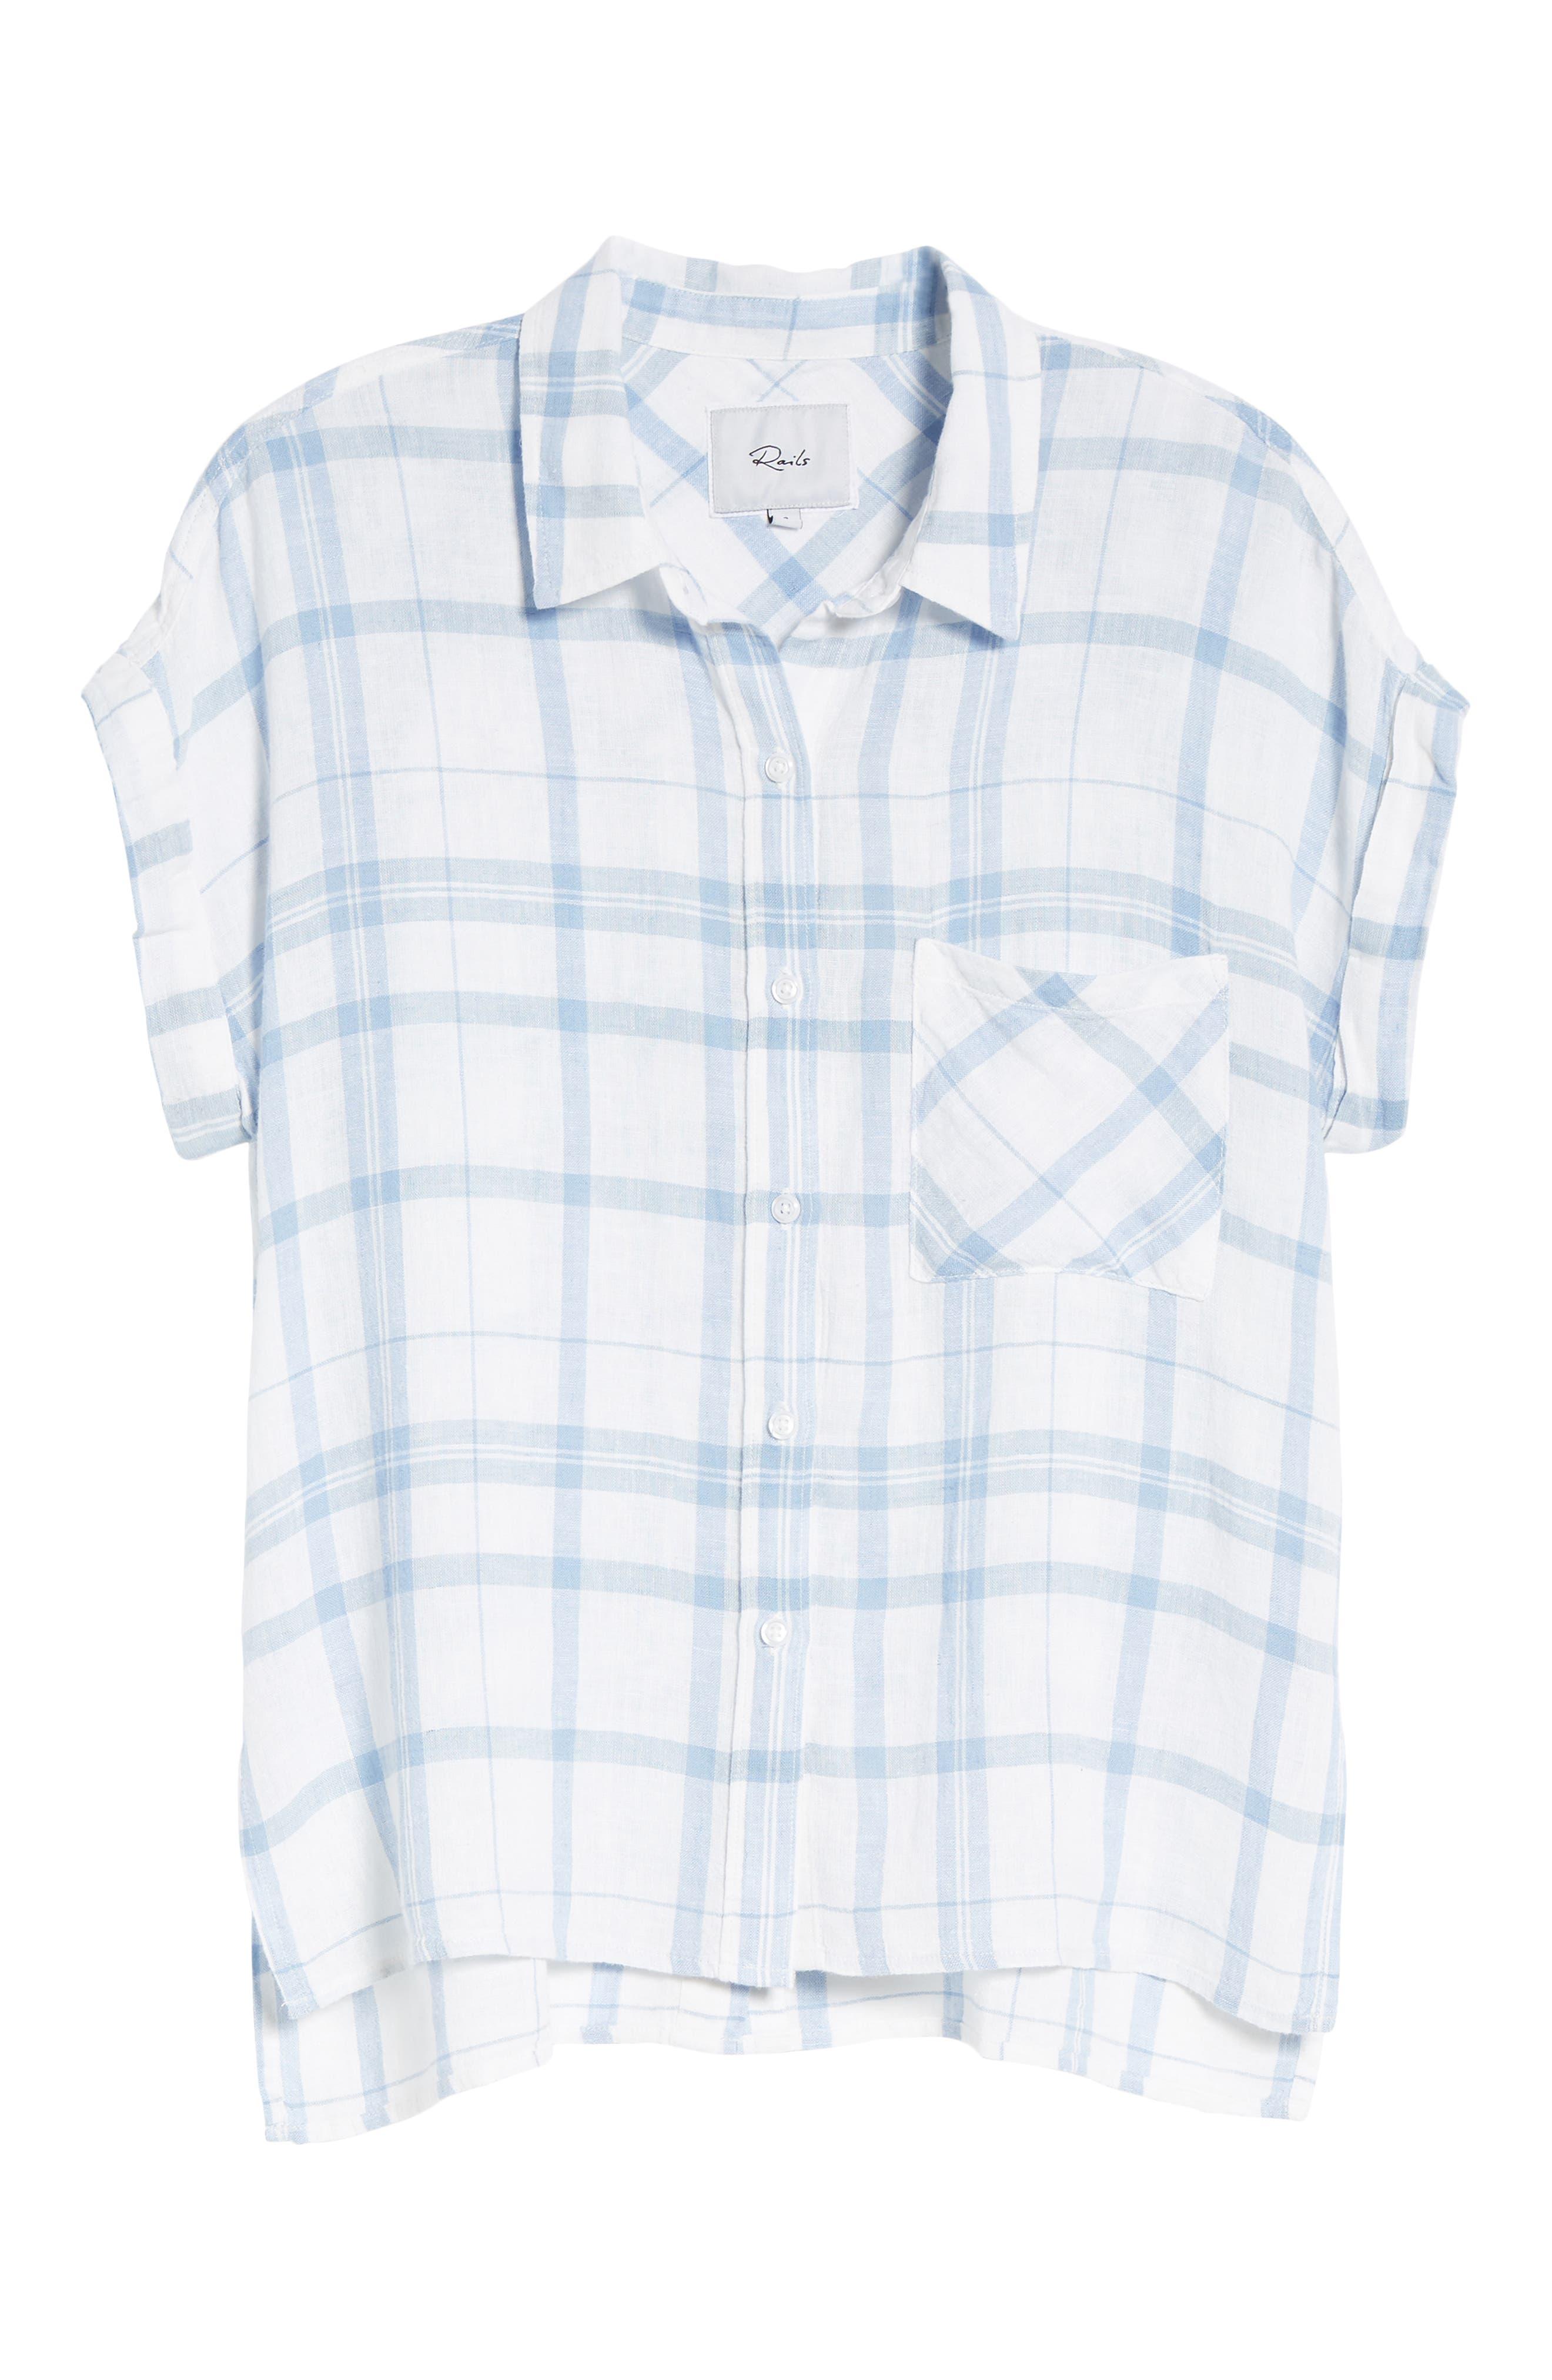 Mia Plaid Shirt,                             Alternate thumbnail 7, color,                             400